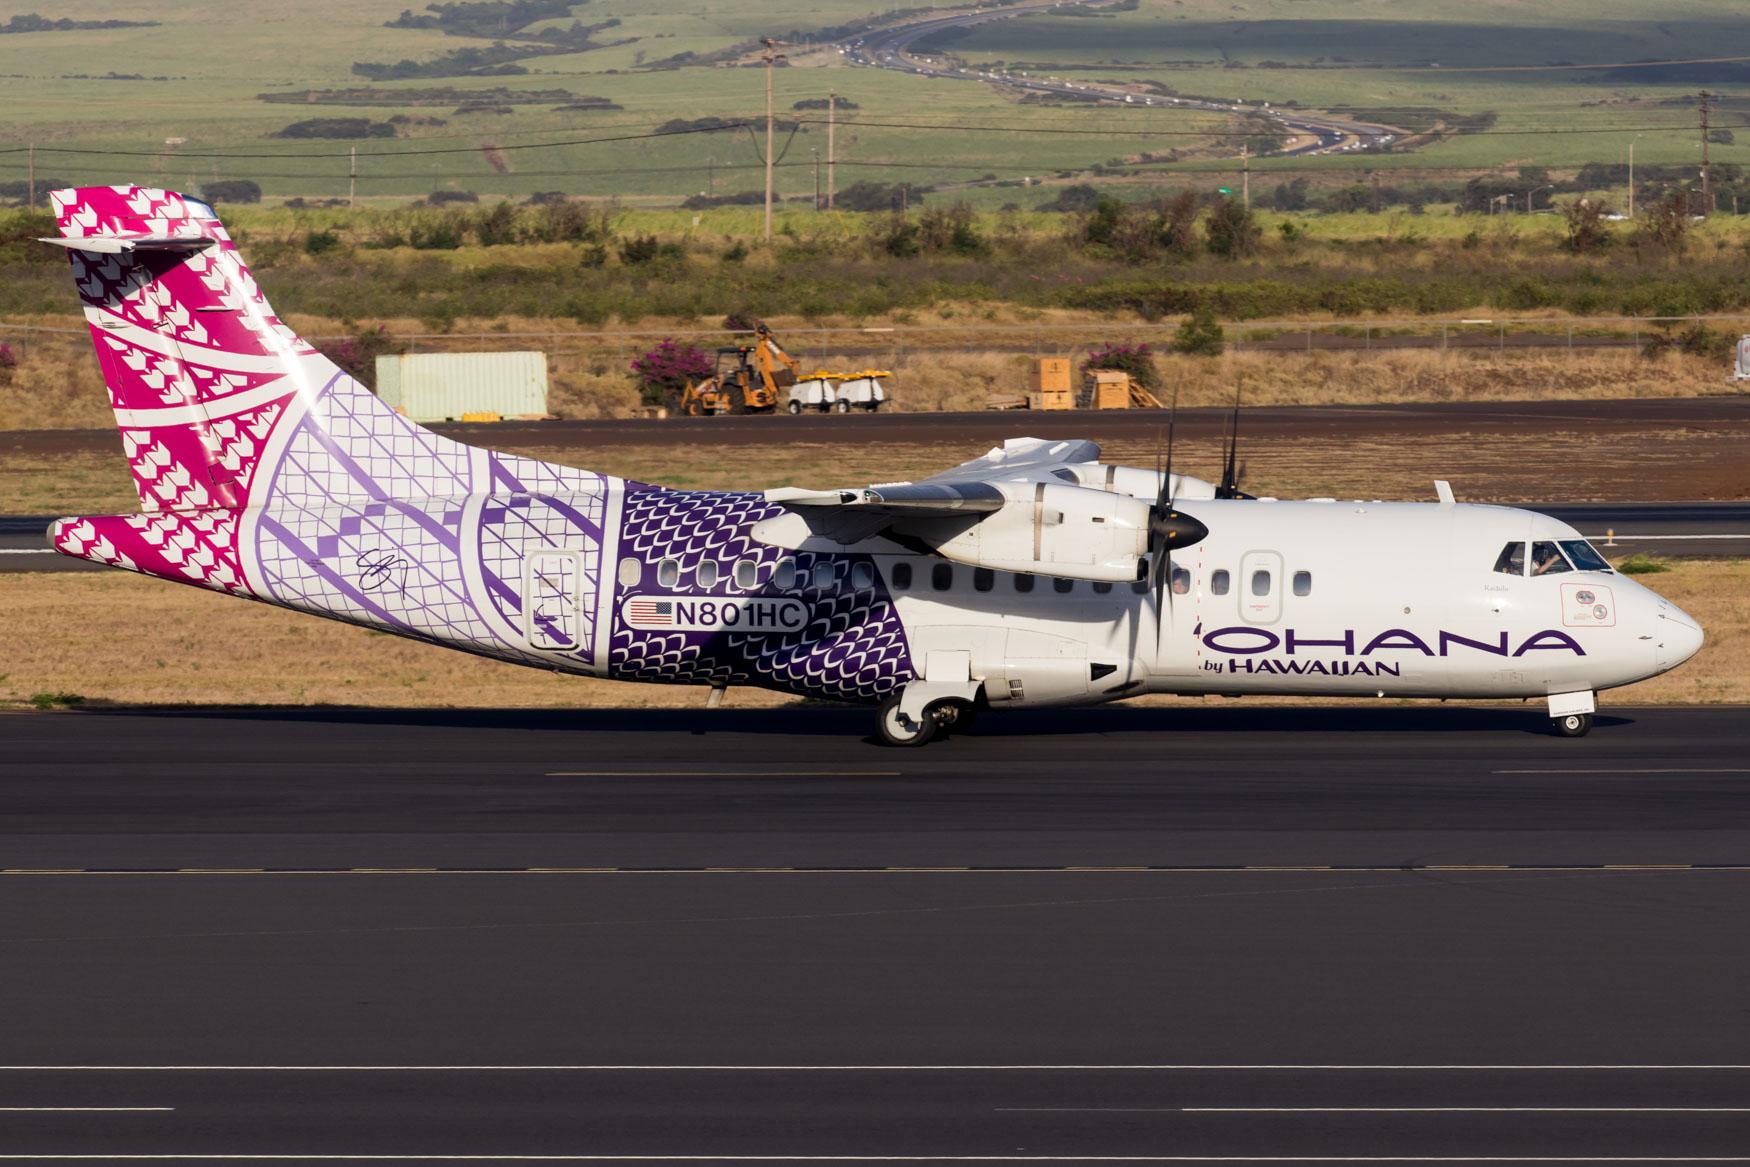 'Ohana by Hawaiian ATR 42